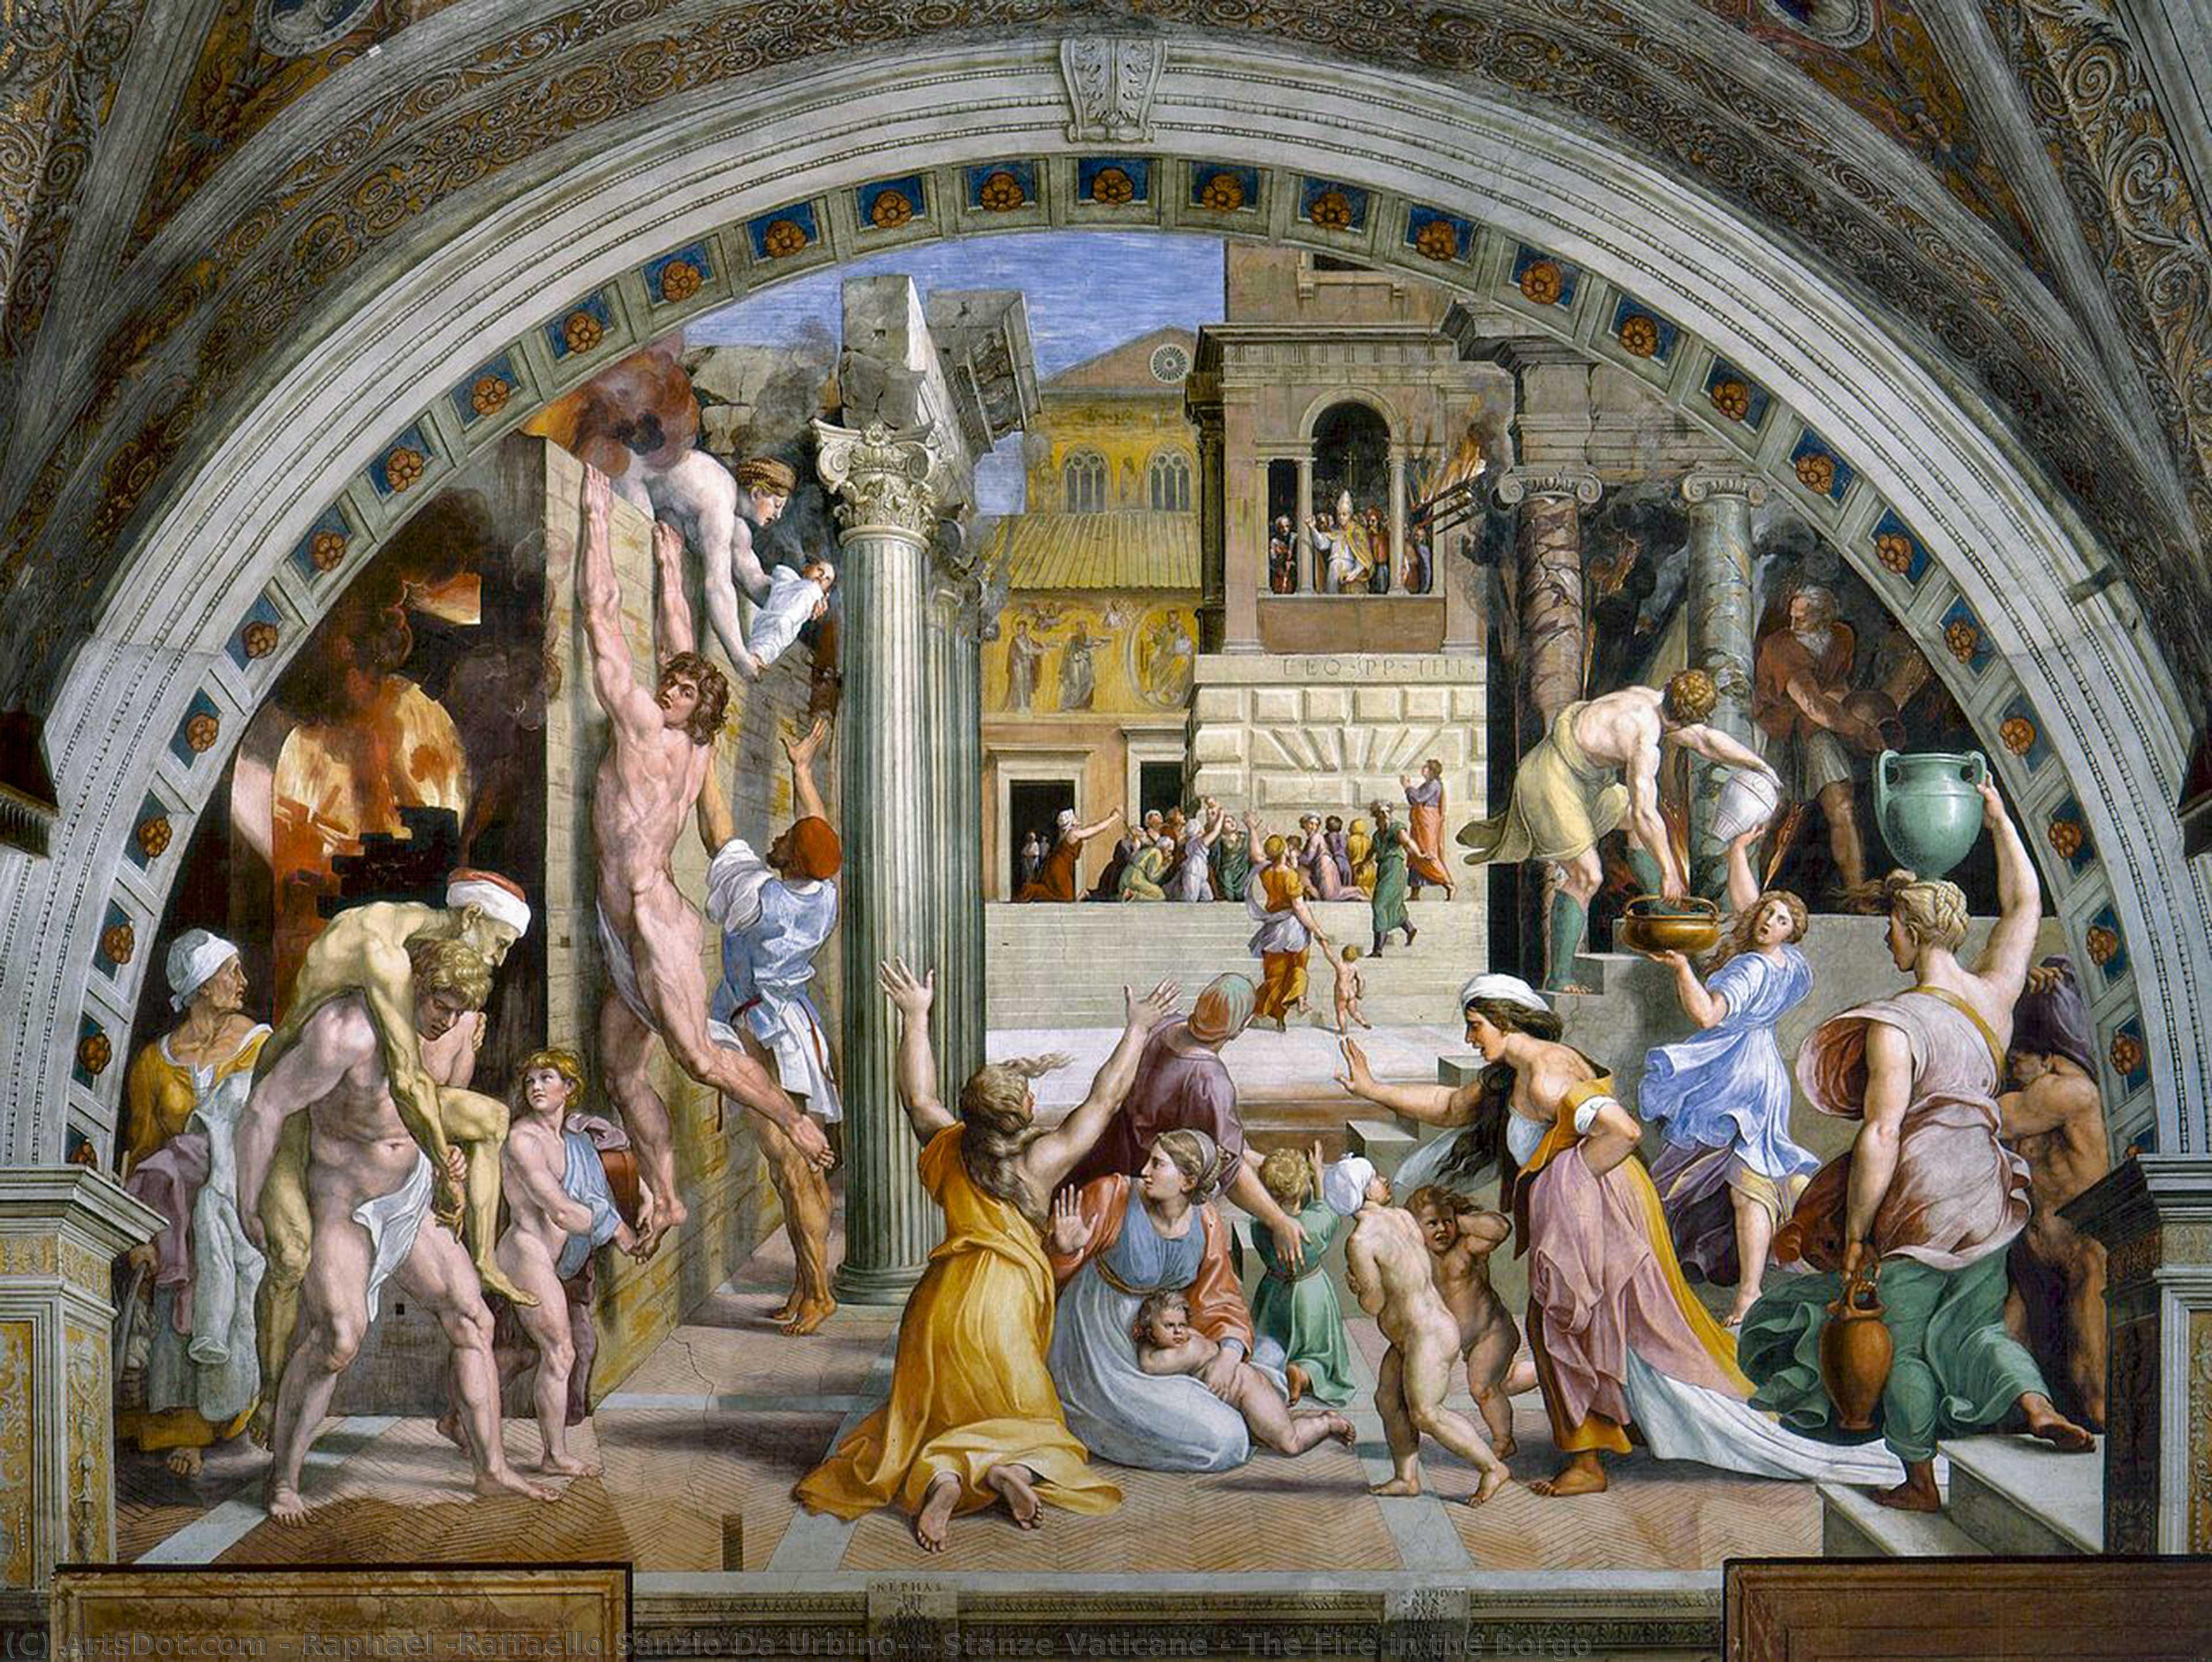 Wikioo.org - The Encyclopedia of Fine Arts - Painting, Artwork by Raphael (Raffaello Sanzio Da Urbino) - Stanze Vaticane - The Fire in the Borgo